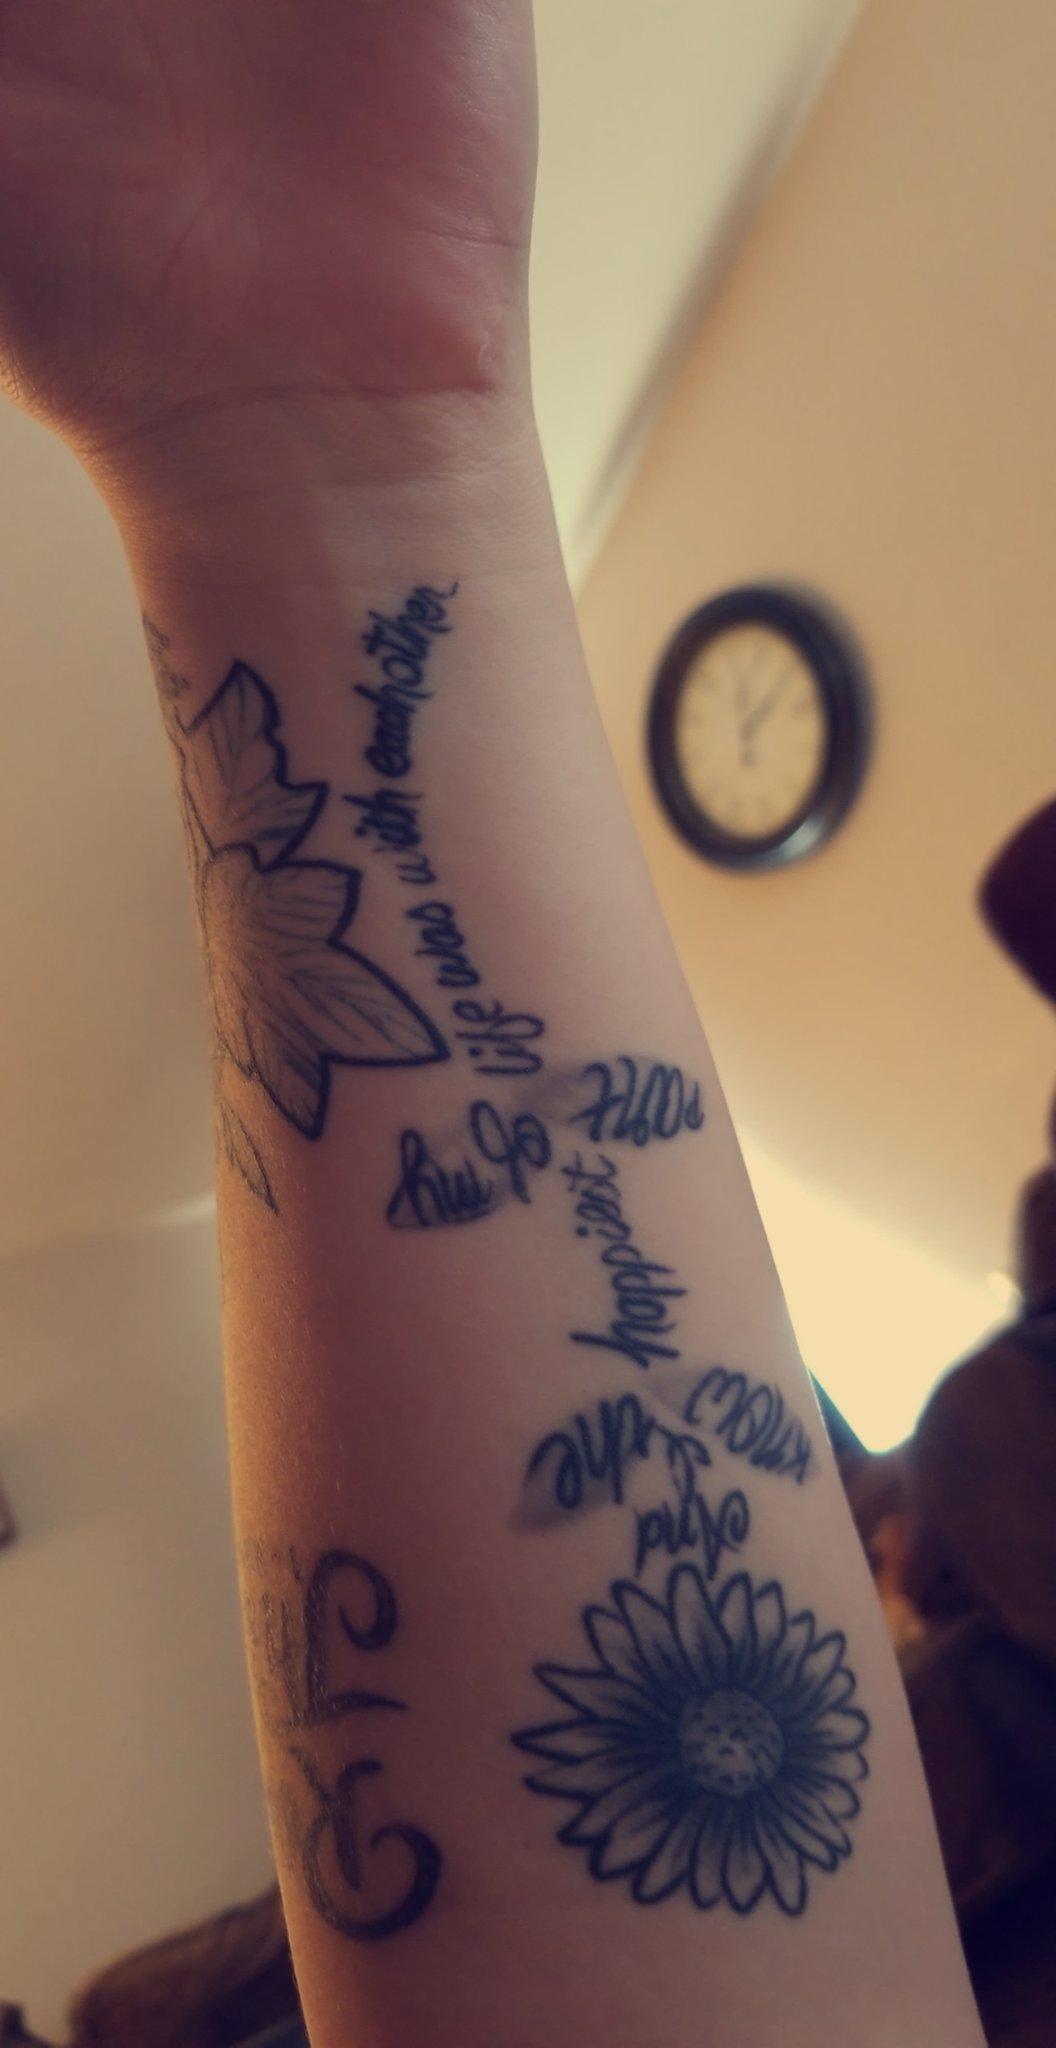 KYFC tattoo